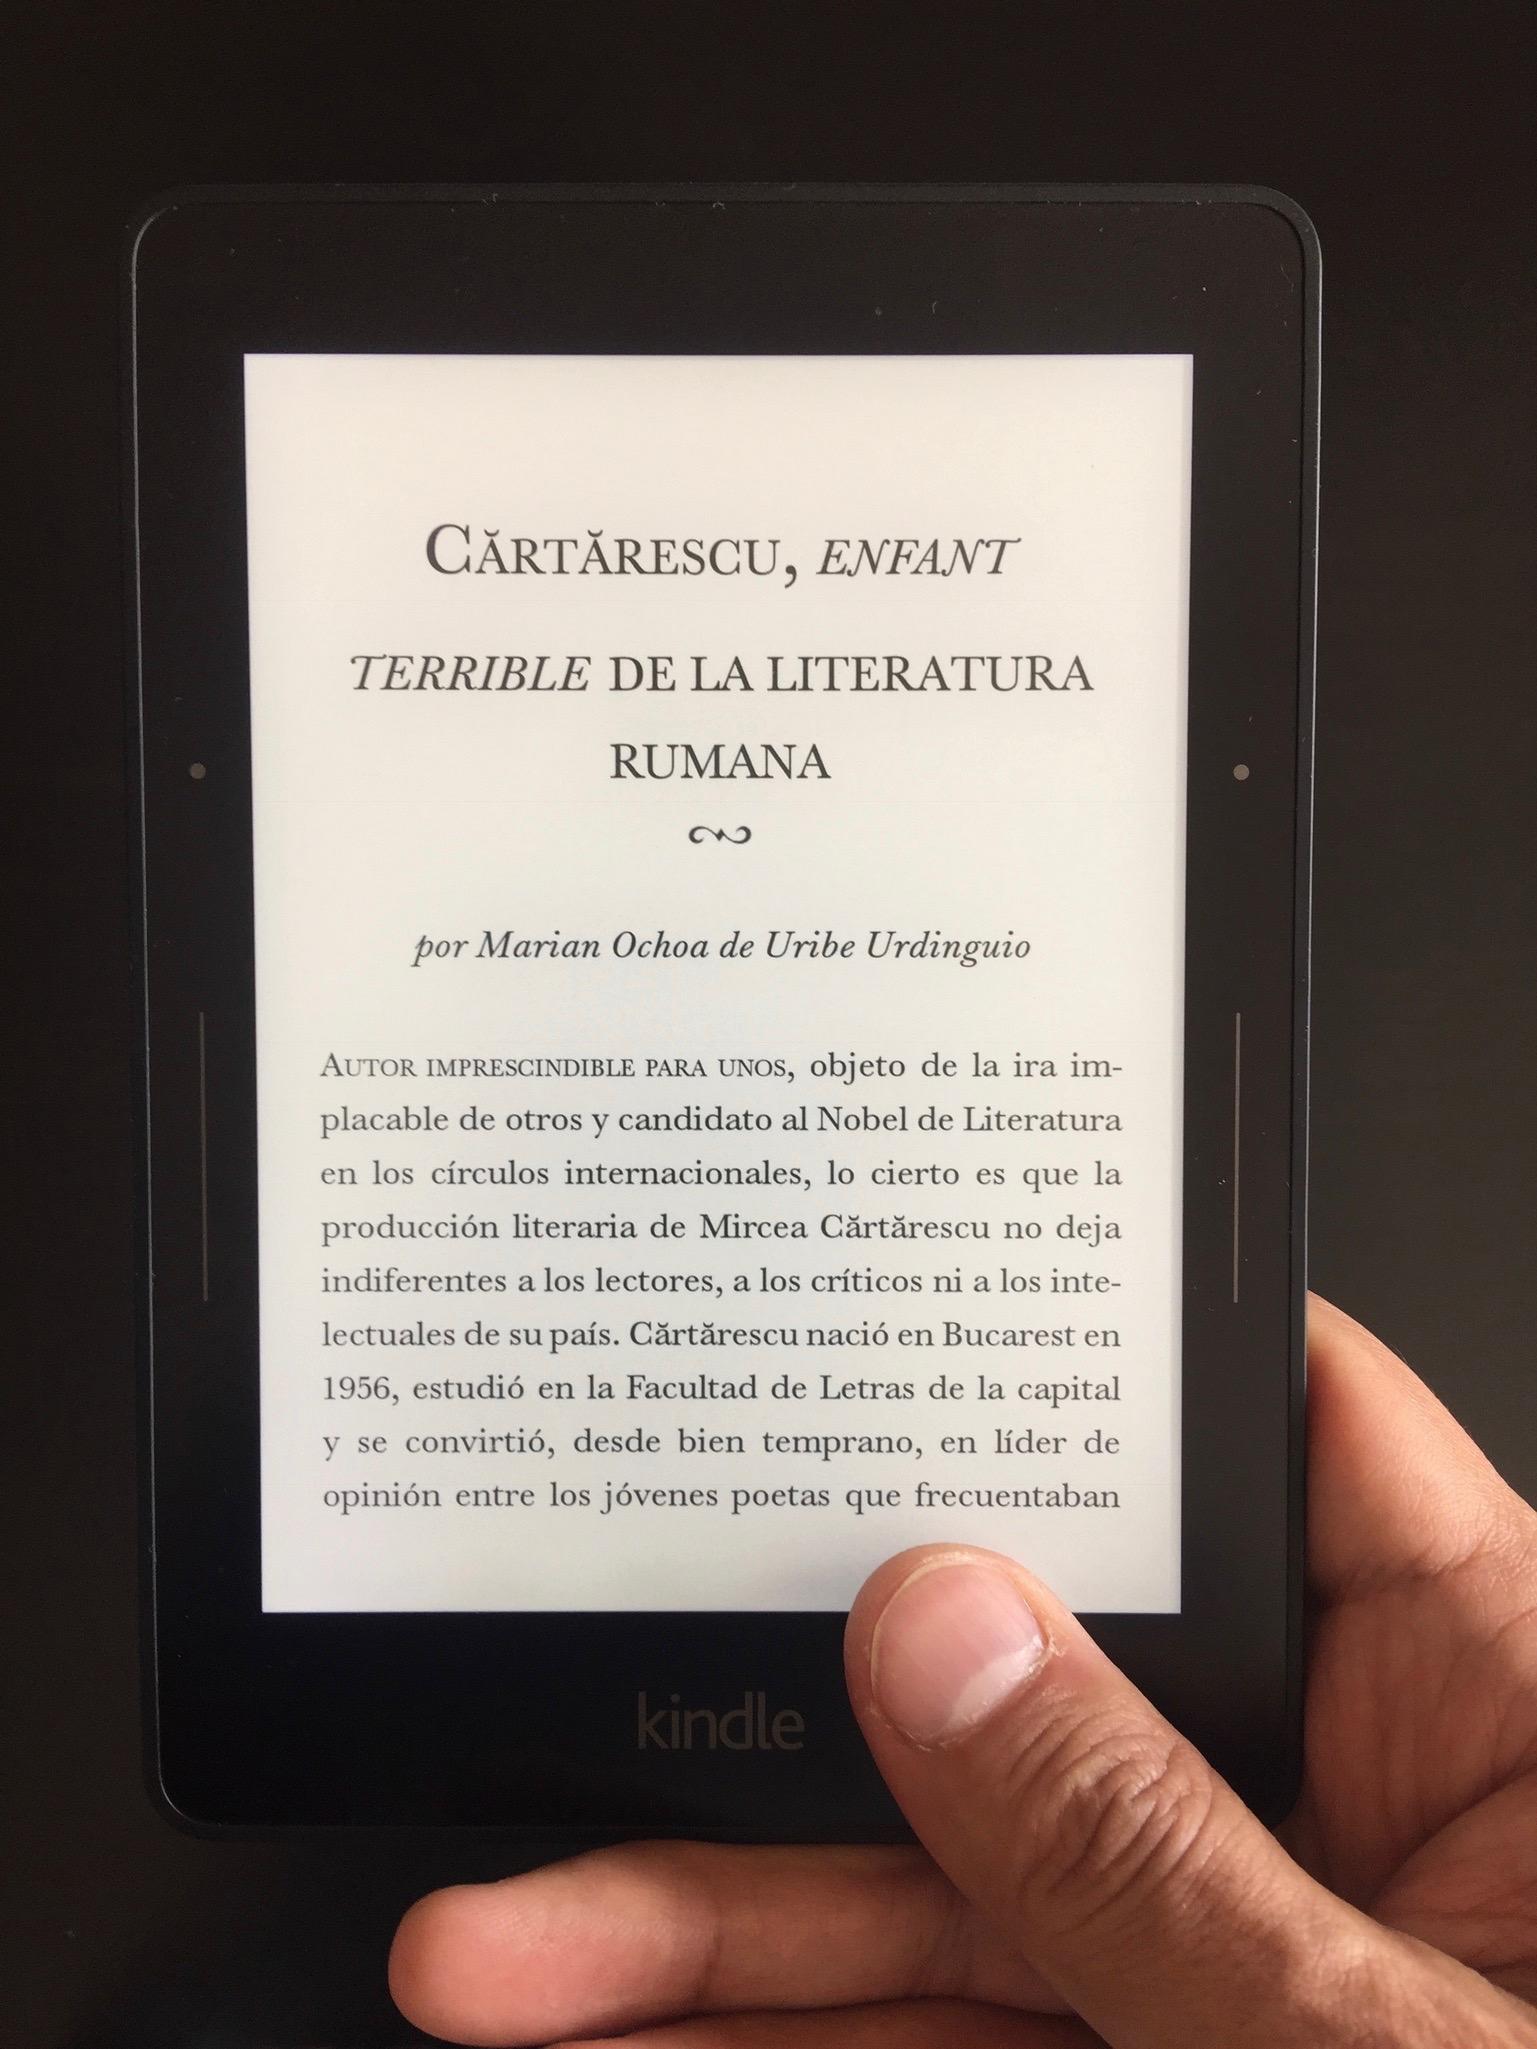 Claro, cómodo y liviano. Así se lee en el Kindle.